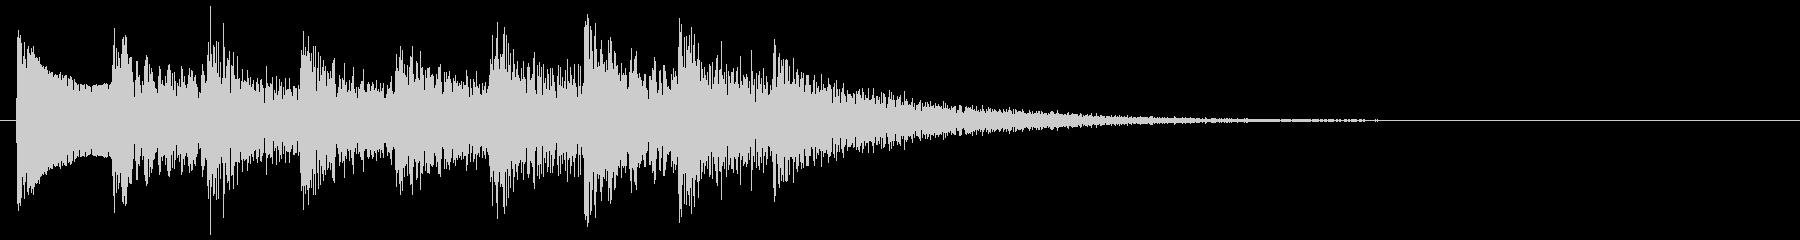 和風な演出 和風効果音 琴 場面転換 Dの未再生の波形